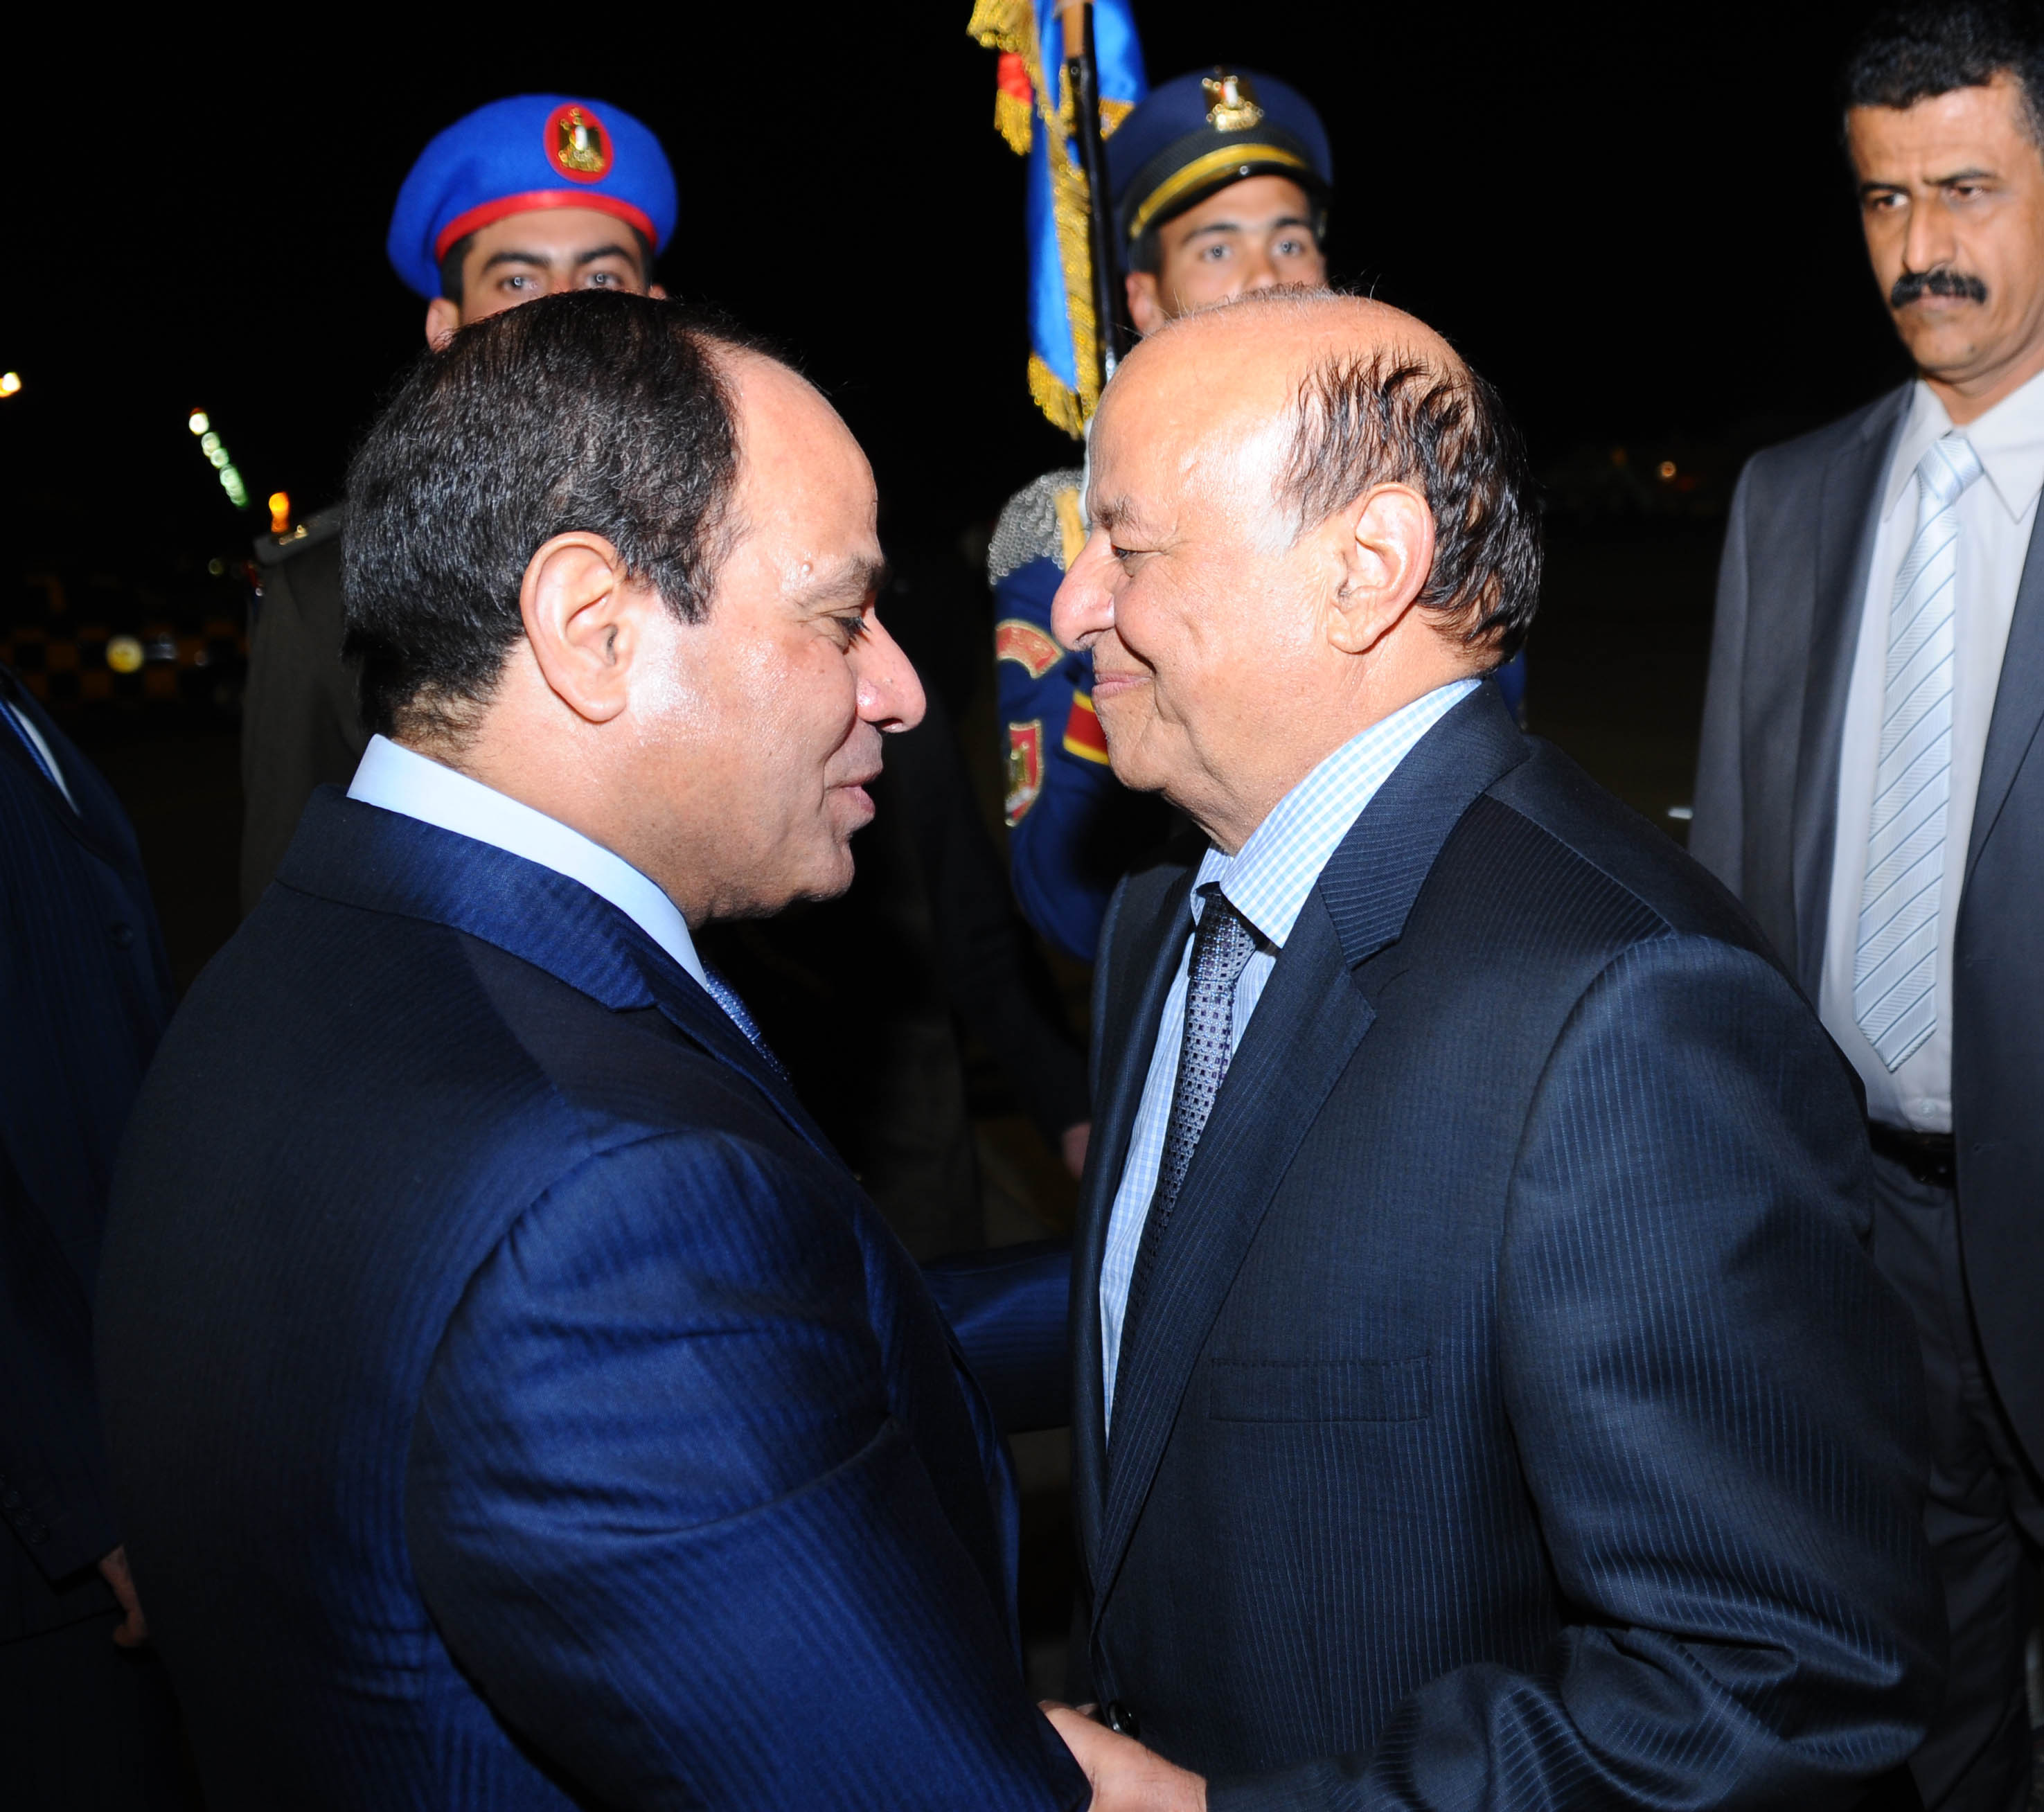 السيسي يبحث مع منصور آخر المستجدات في اليمن